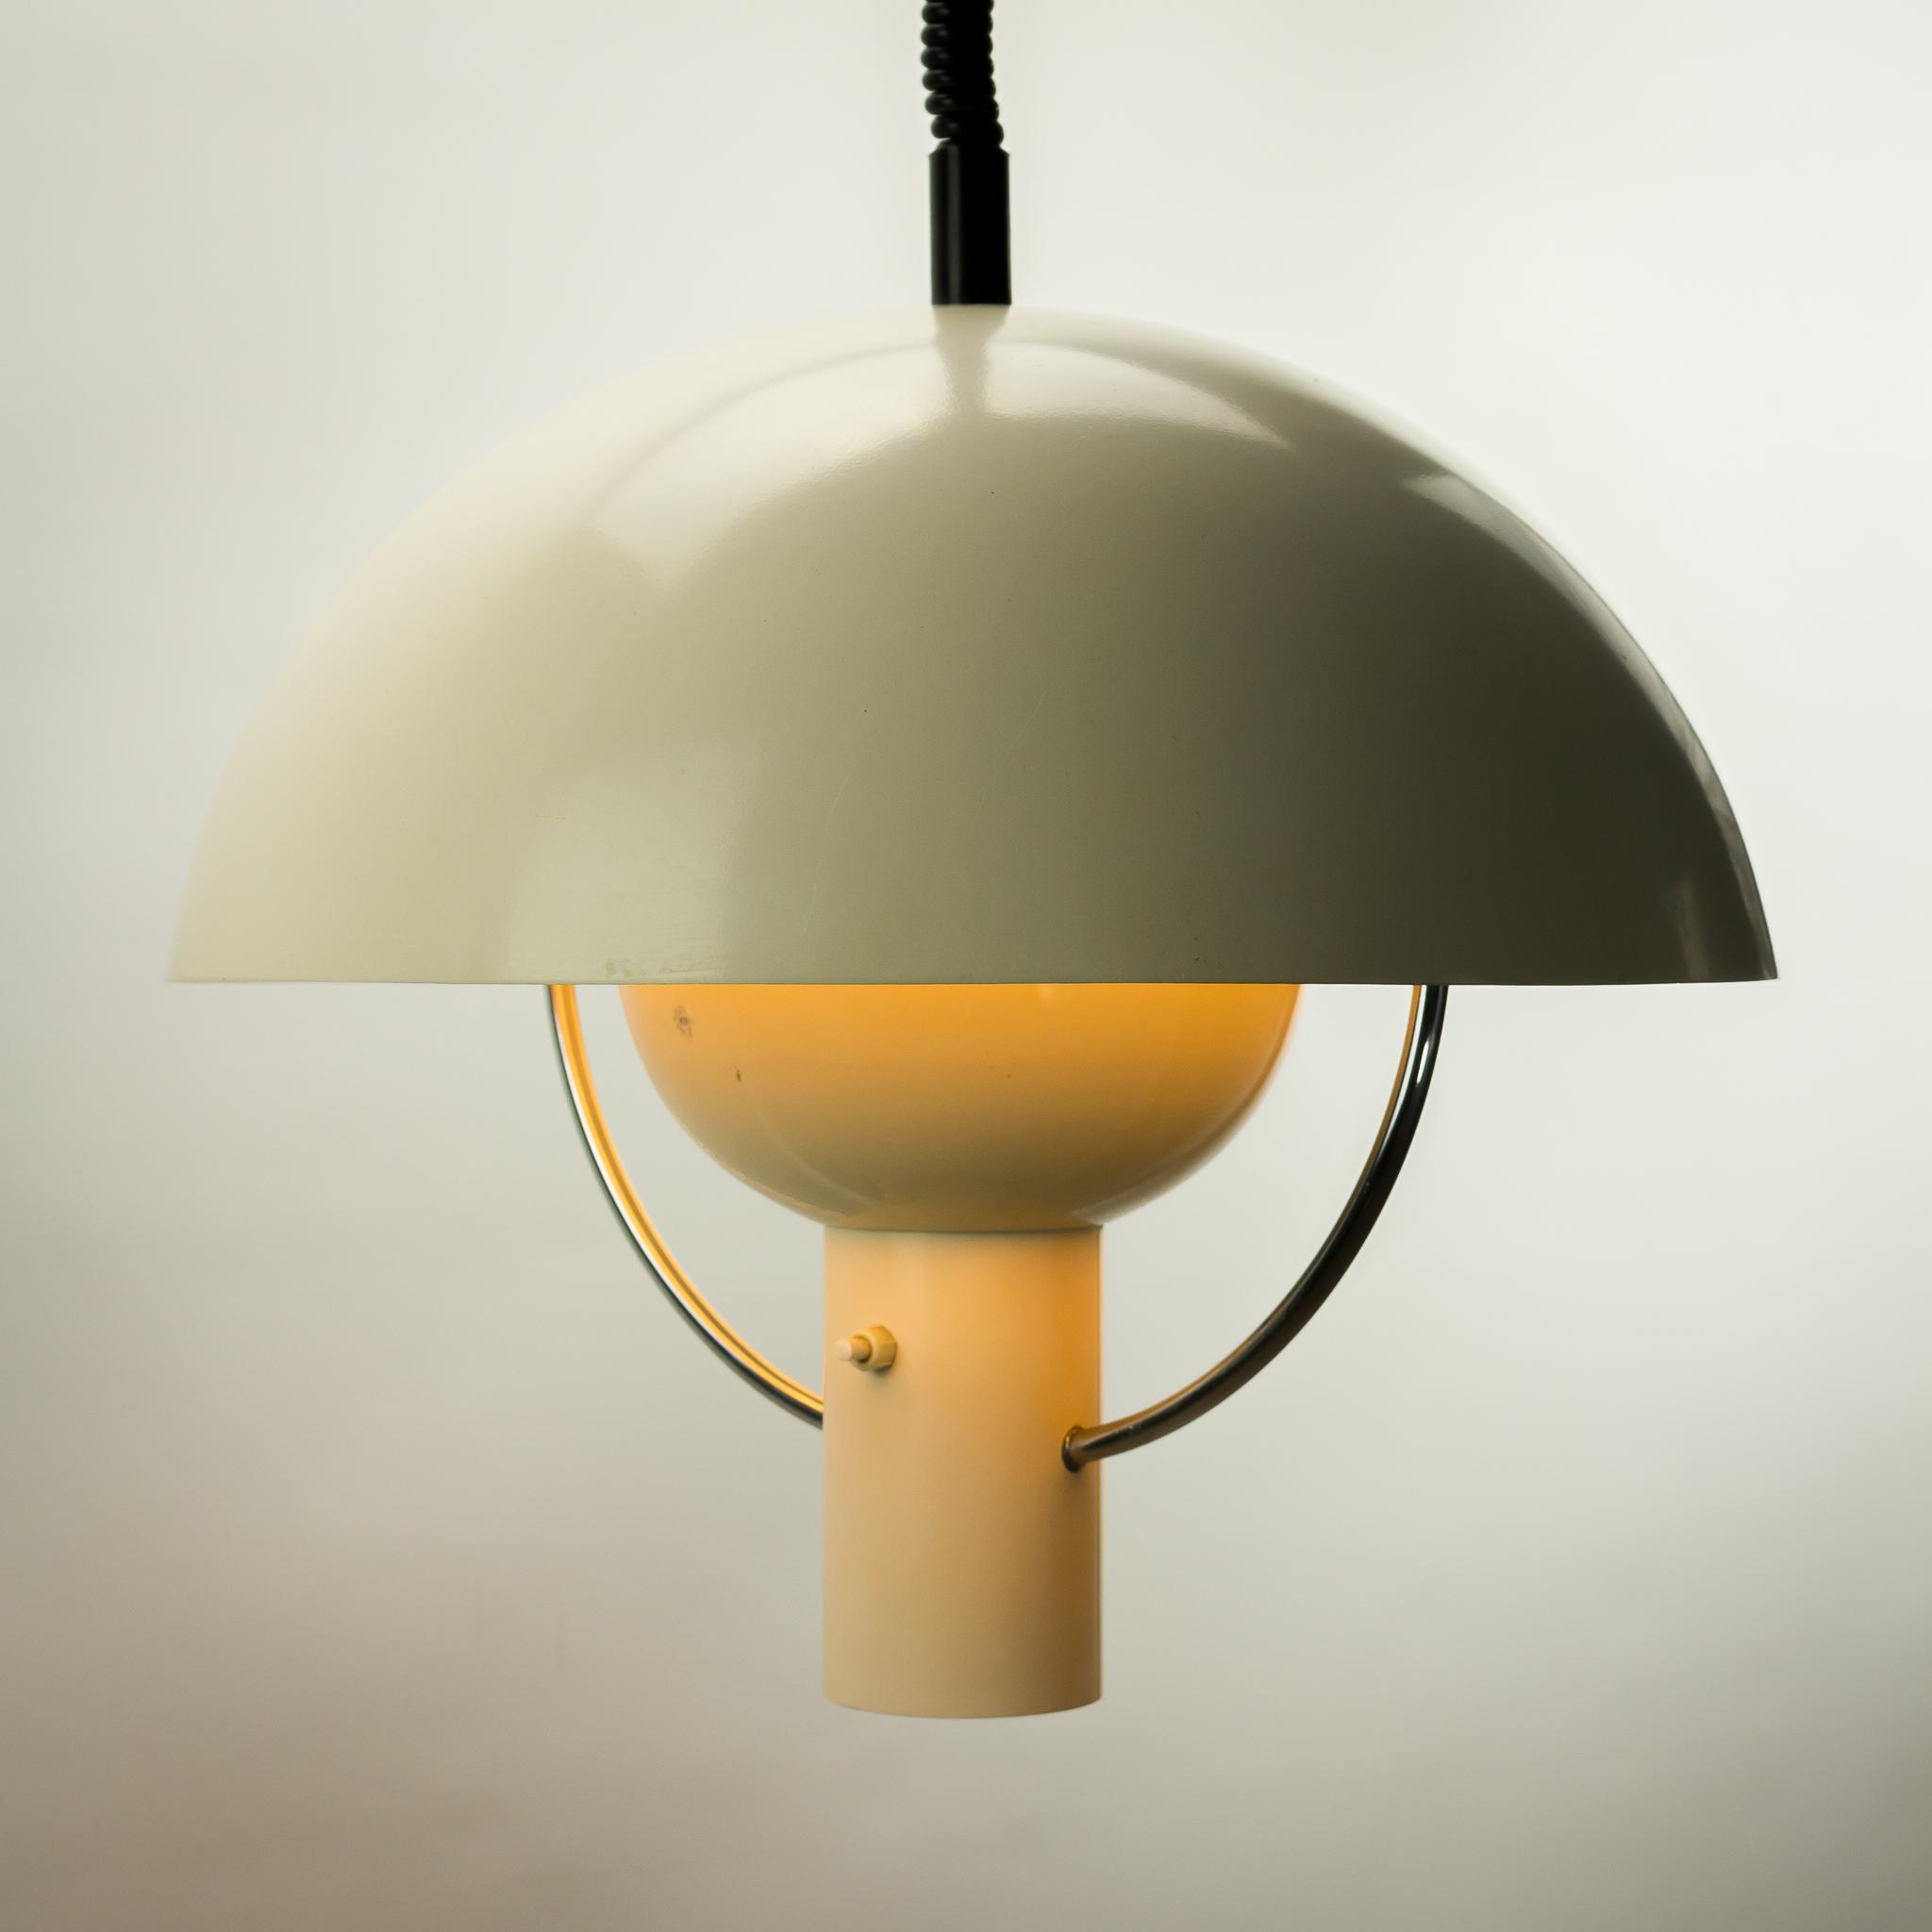 60 s dijkstra lampen metalen paddestoel hanglamp barbmama